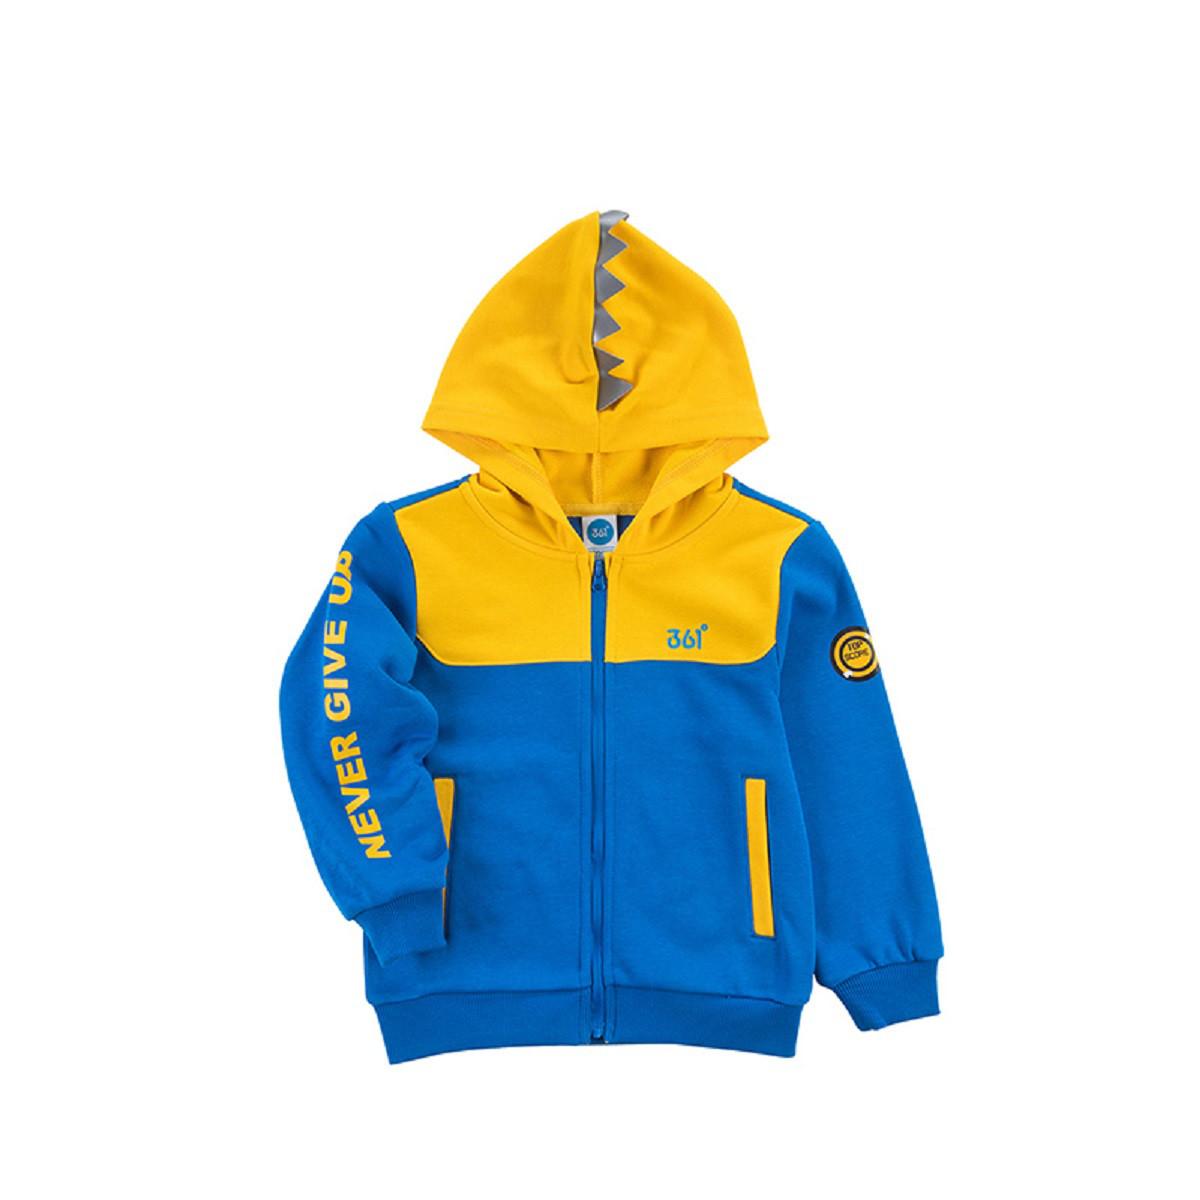 361°361度童装连帽运动休闲百搭针织外套男童外套K51814403-3